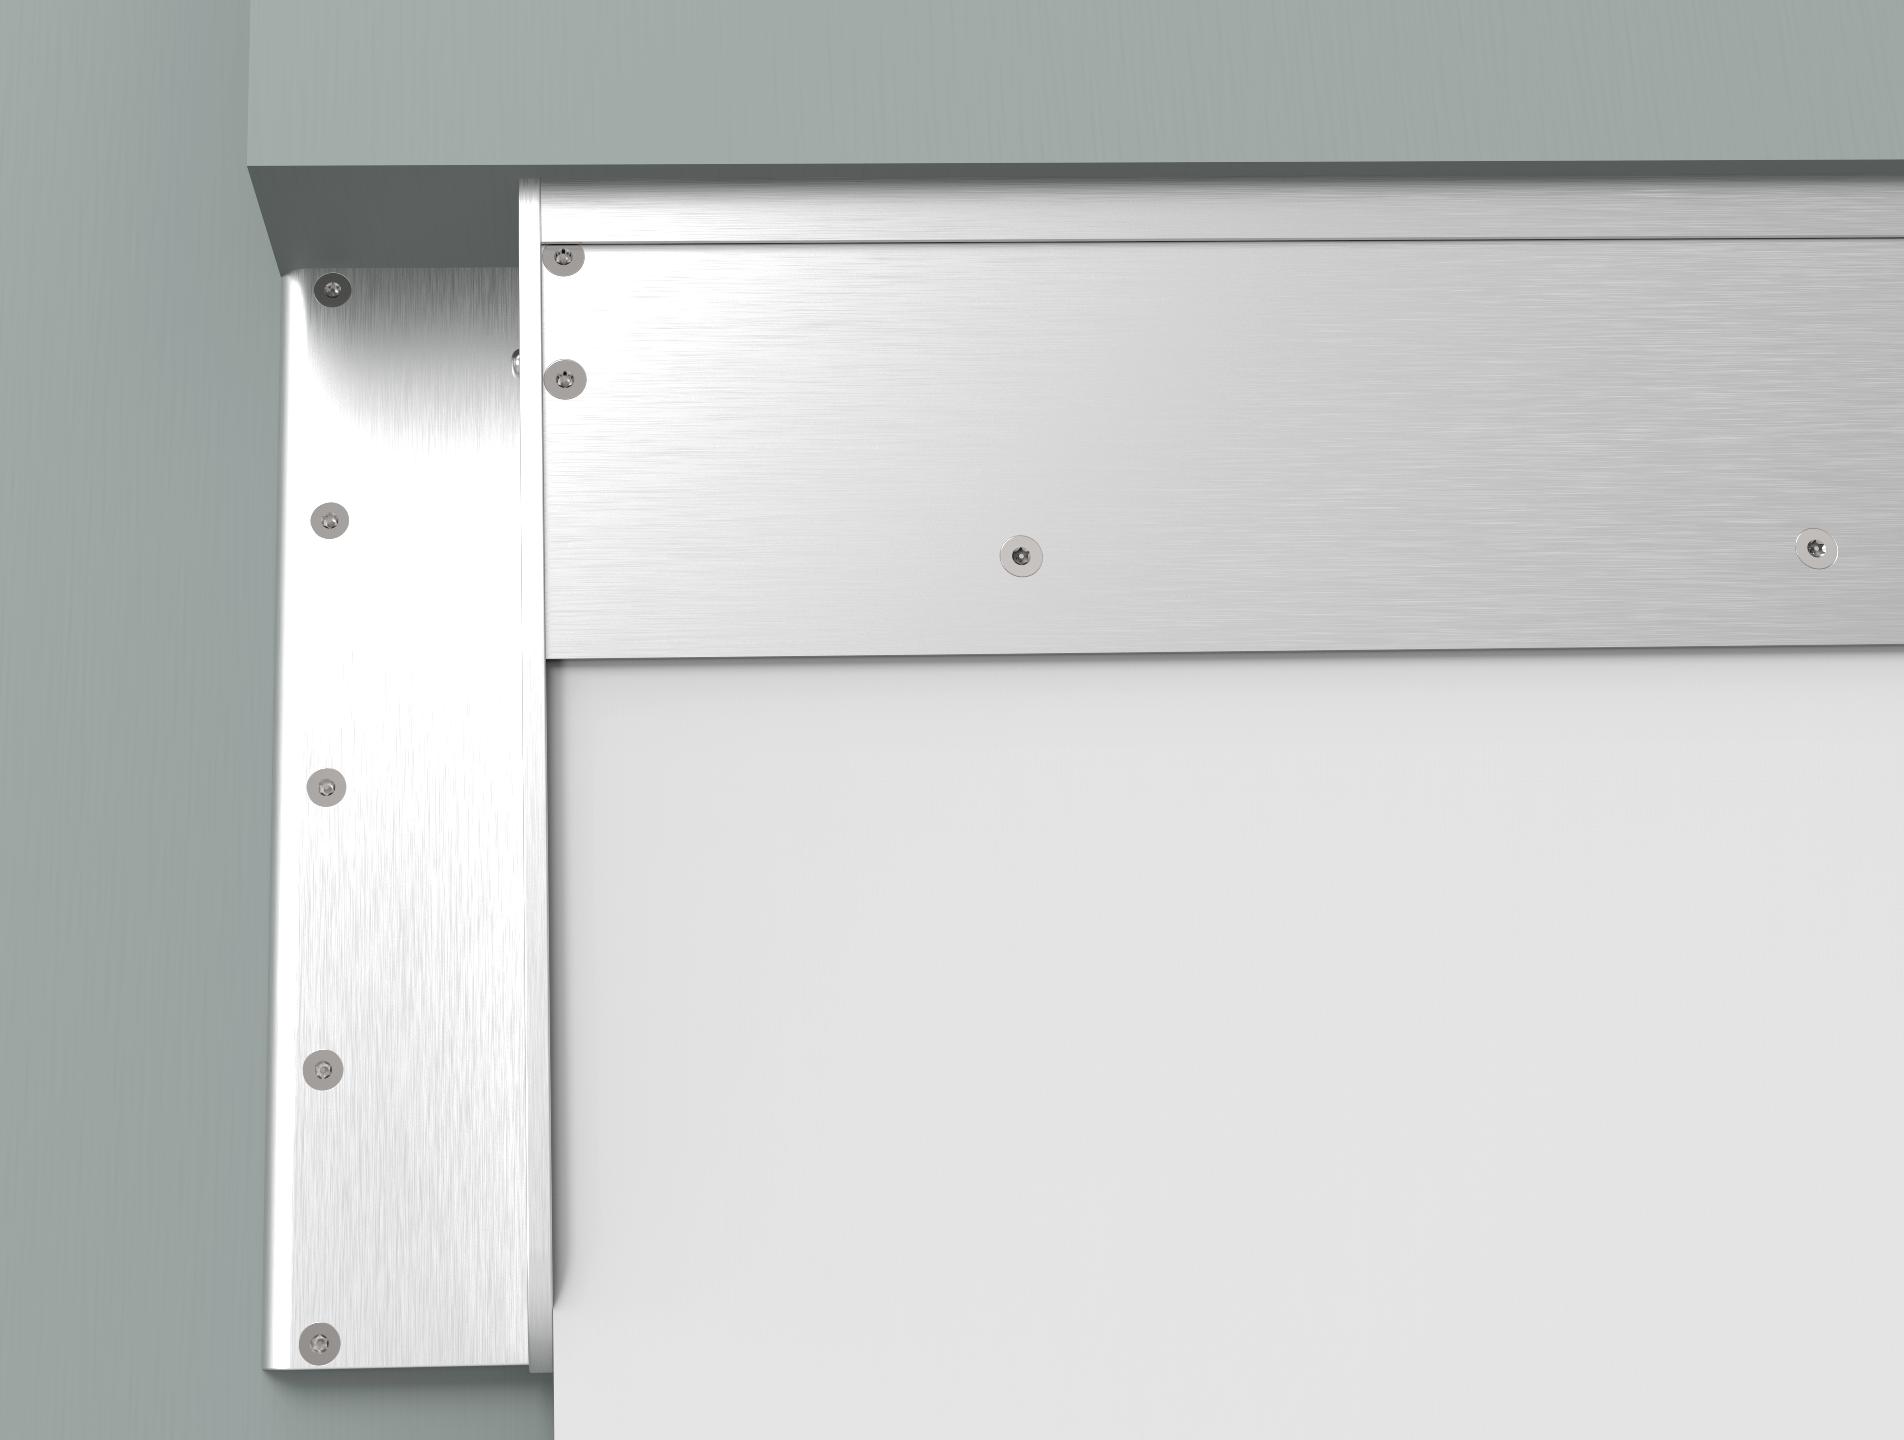 LR-SDS Frameless Installation